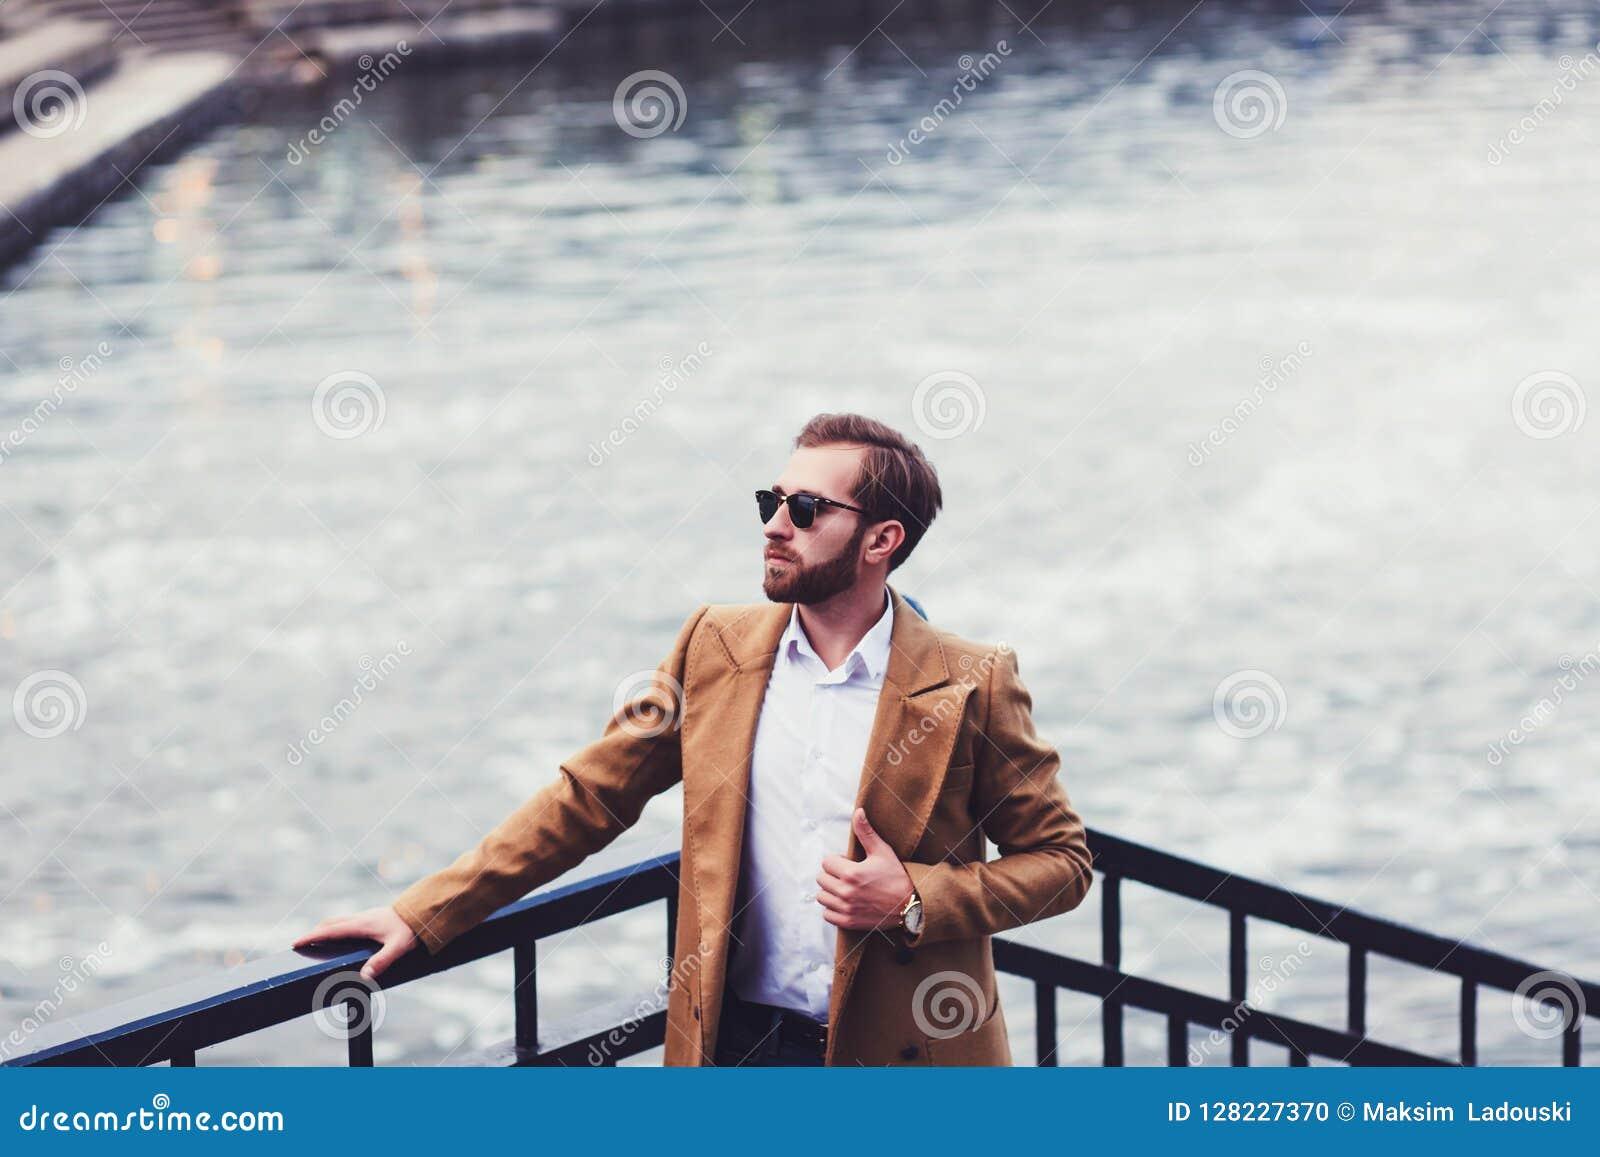 Άτομο σε ένα φωτεινό παλτό